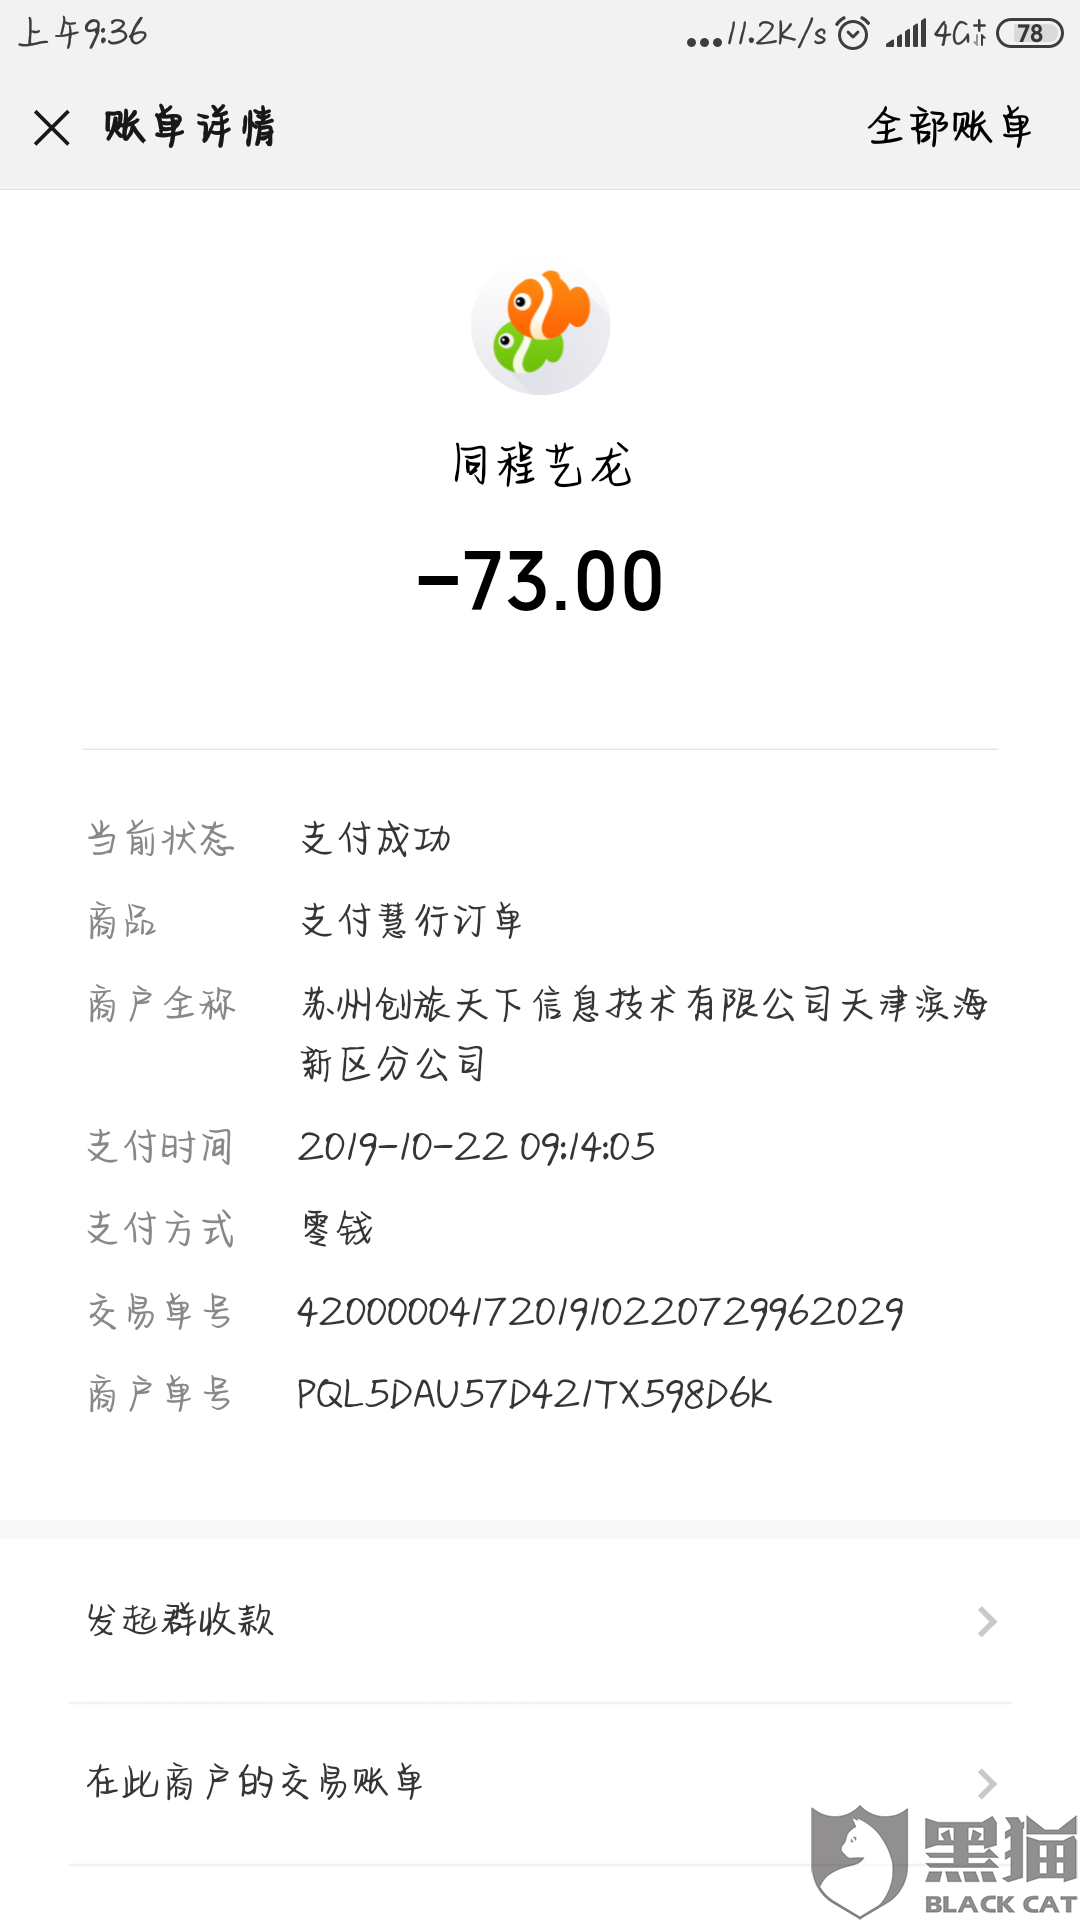 黑猫投诉:同程艺龙官方微博用时1小时解决了消费者投诉